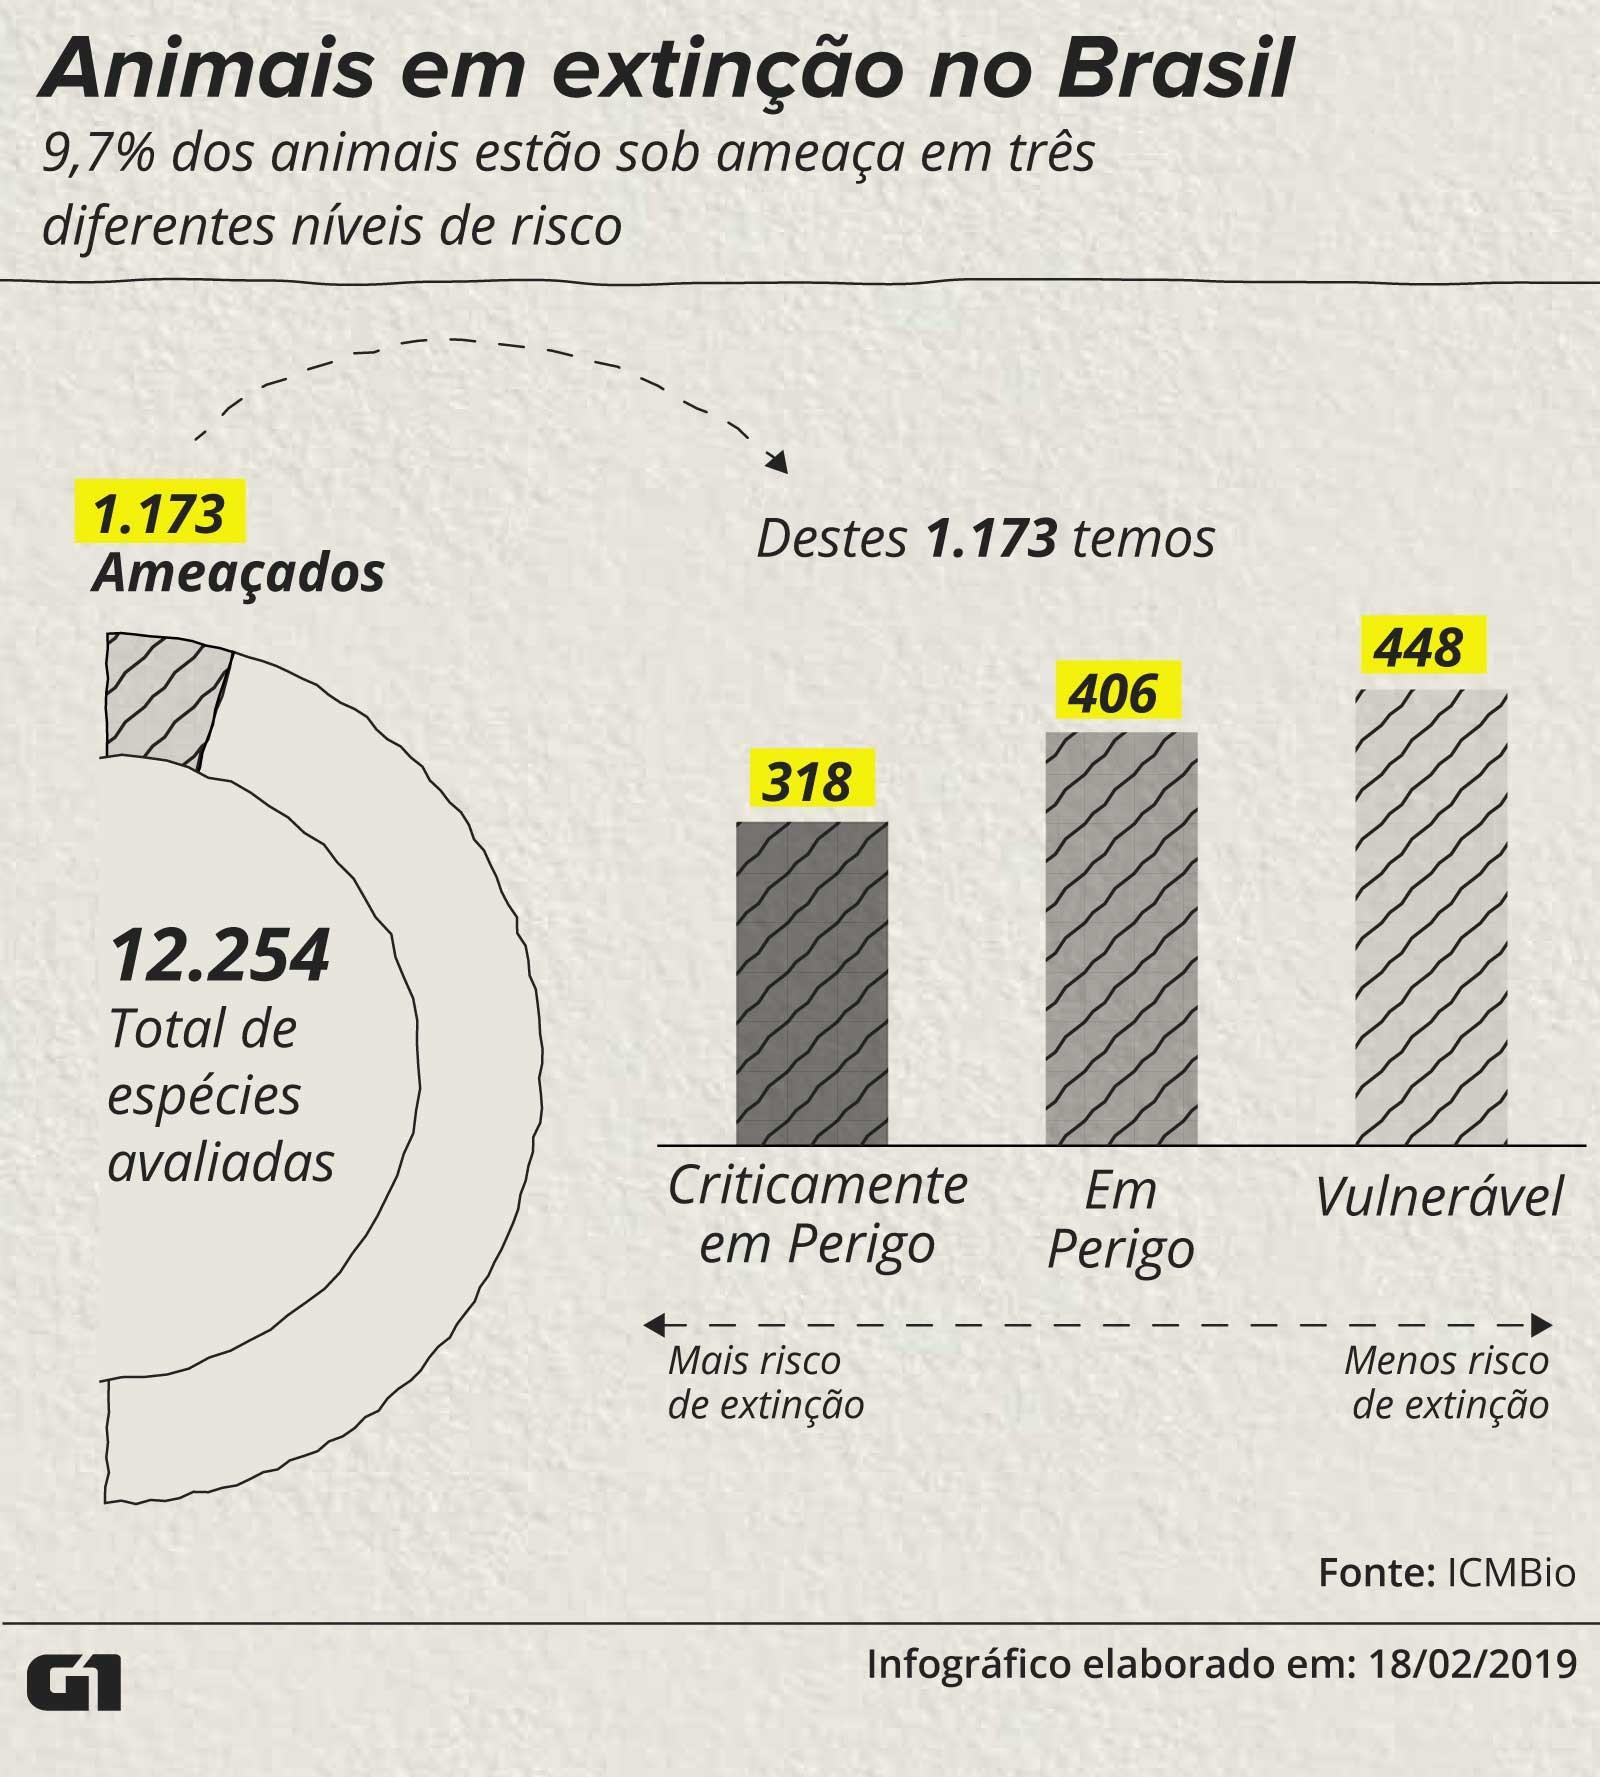 Caatinga tem 182 animais ameaçados; no país, quase 10% dos monitorados estão sob risco de extinção - Noticias